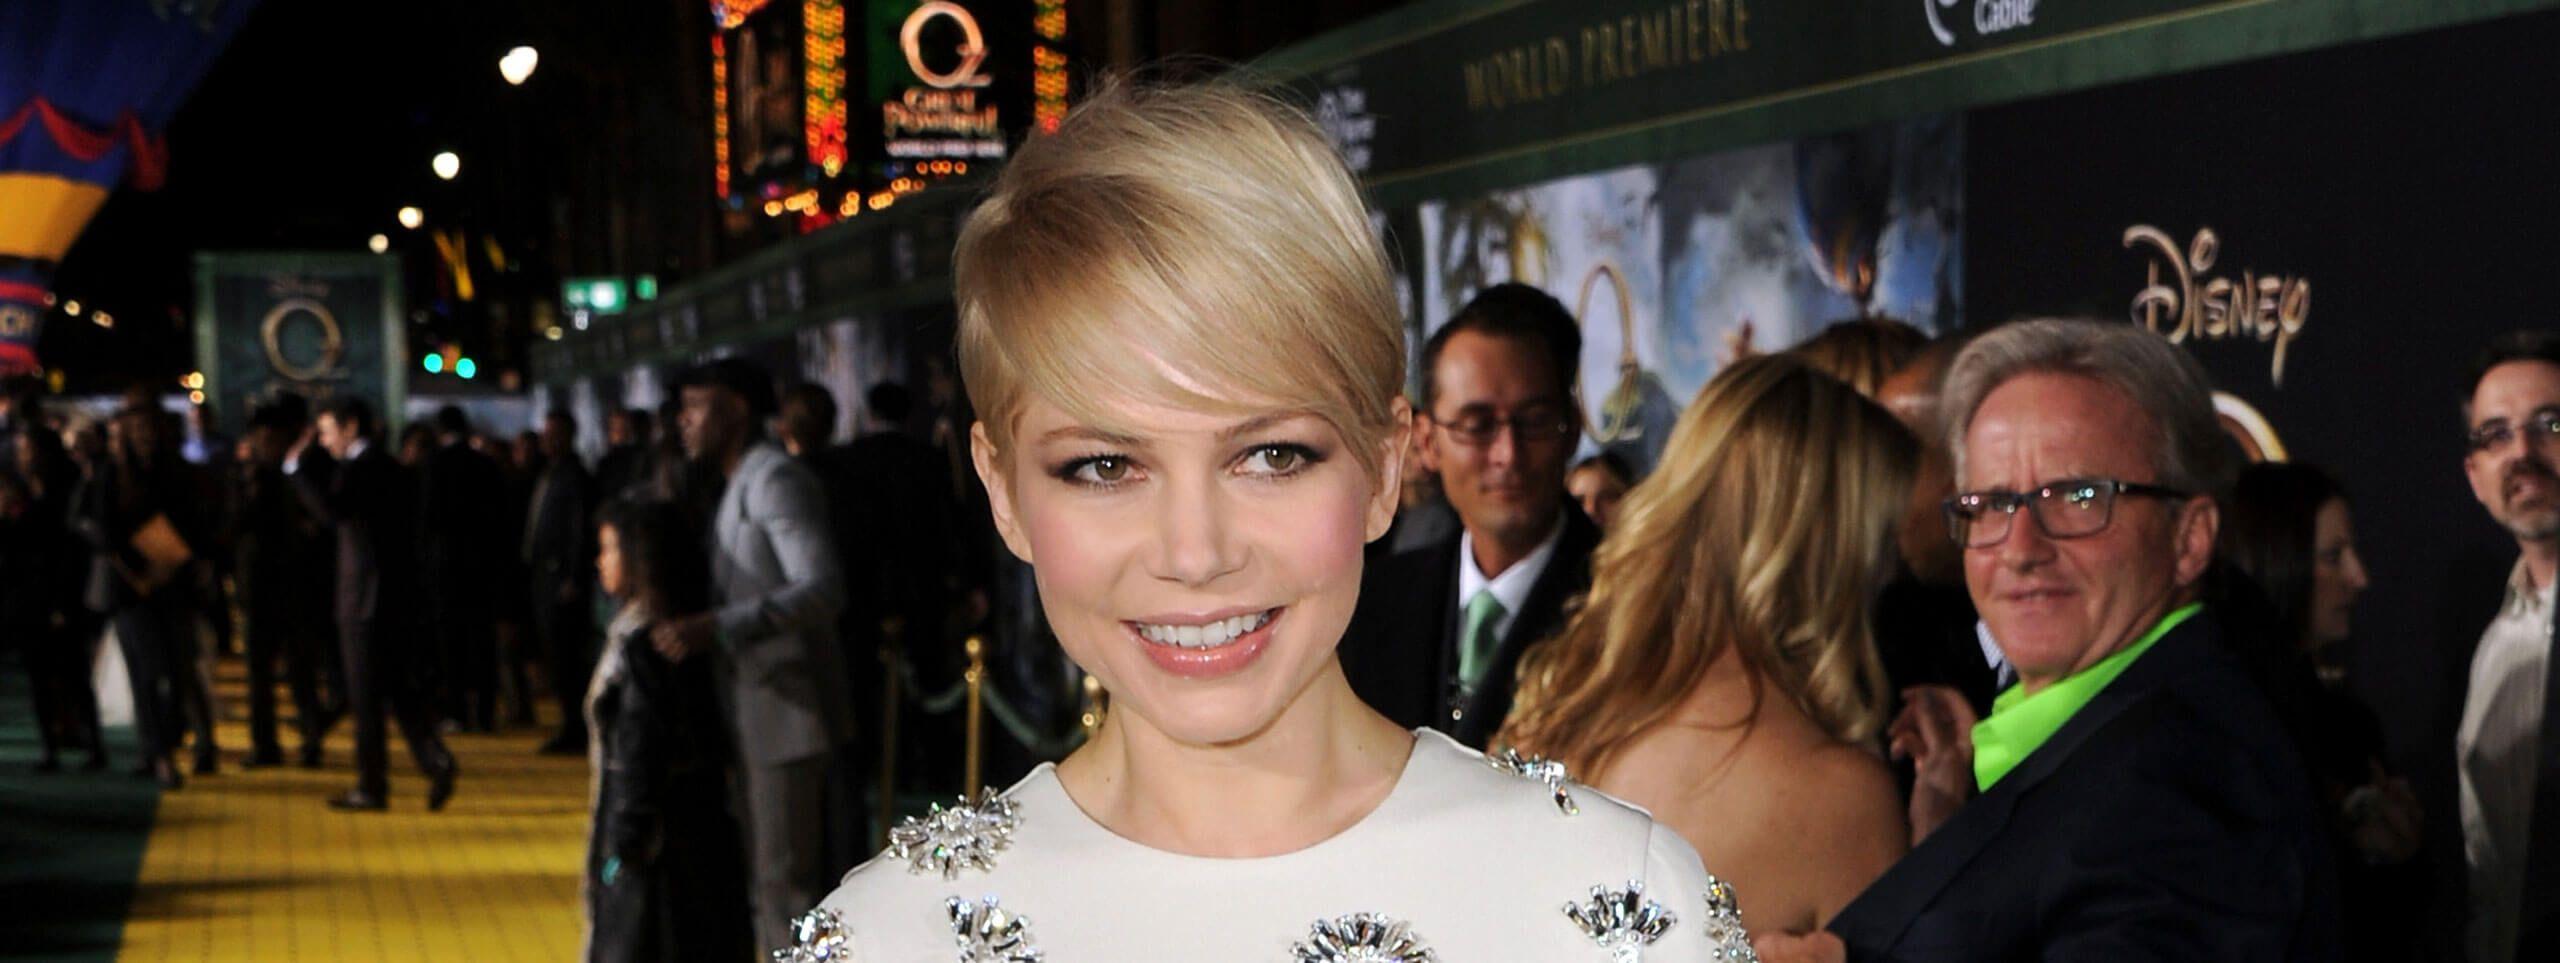 Michelle Williams z krótką blond fryzurą